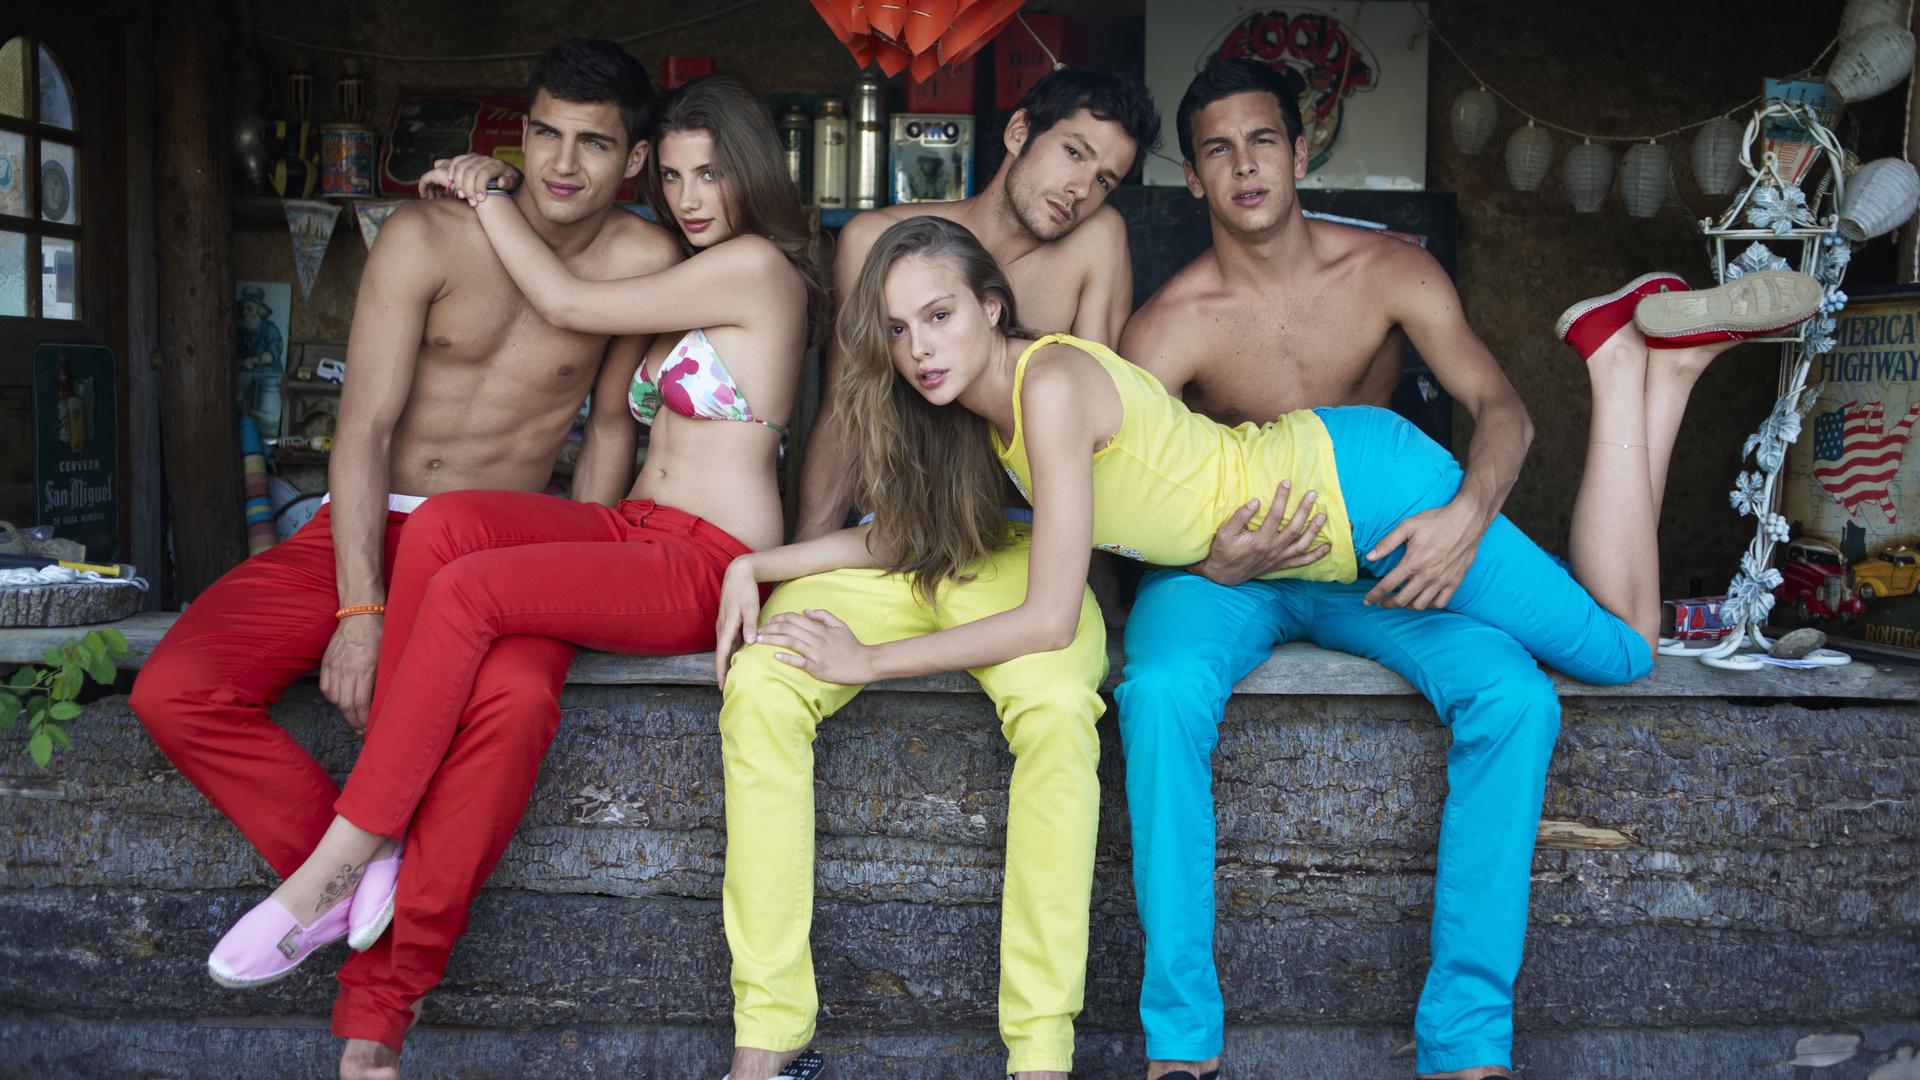 Сексульные игры снимать штаны 12 фотография